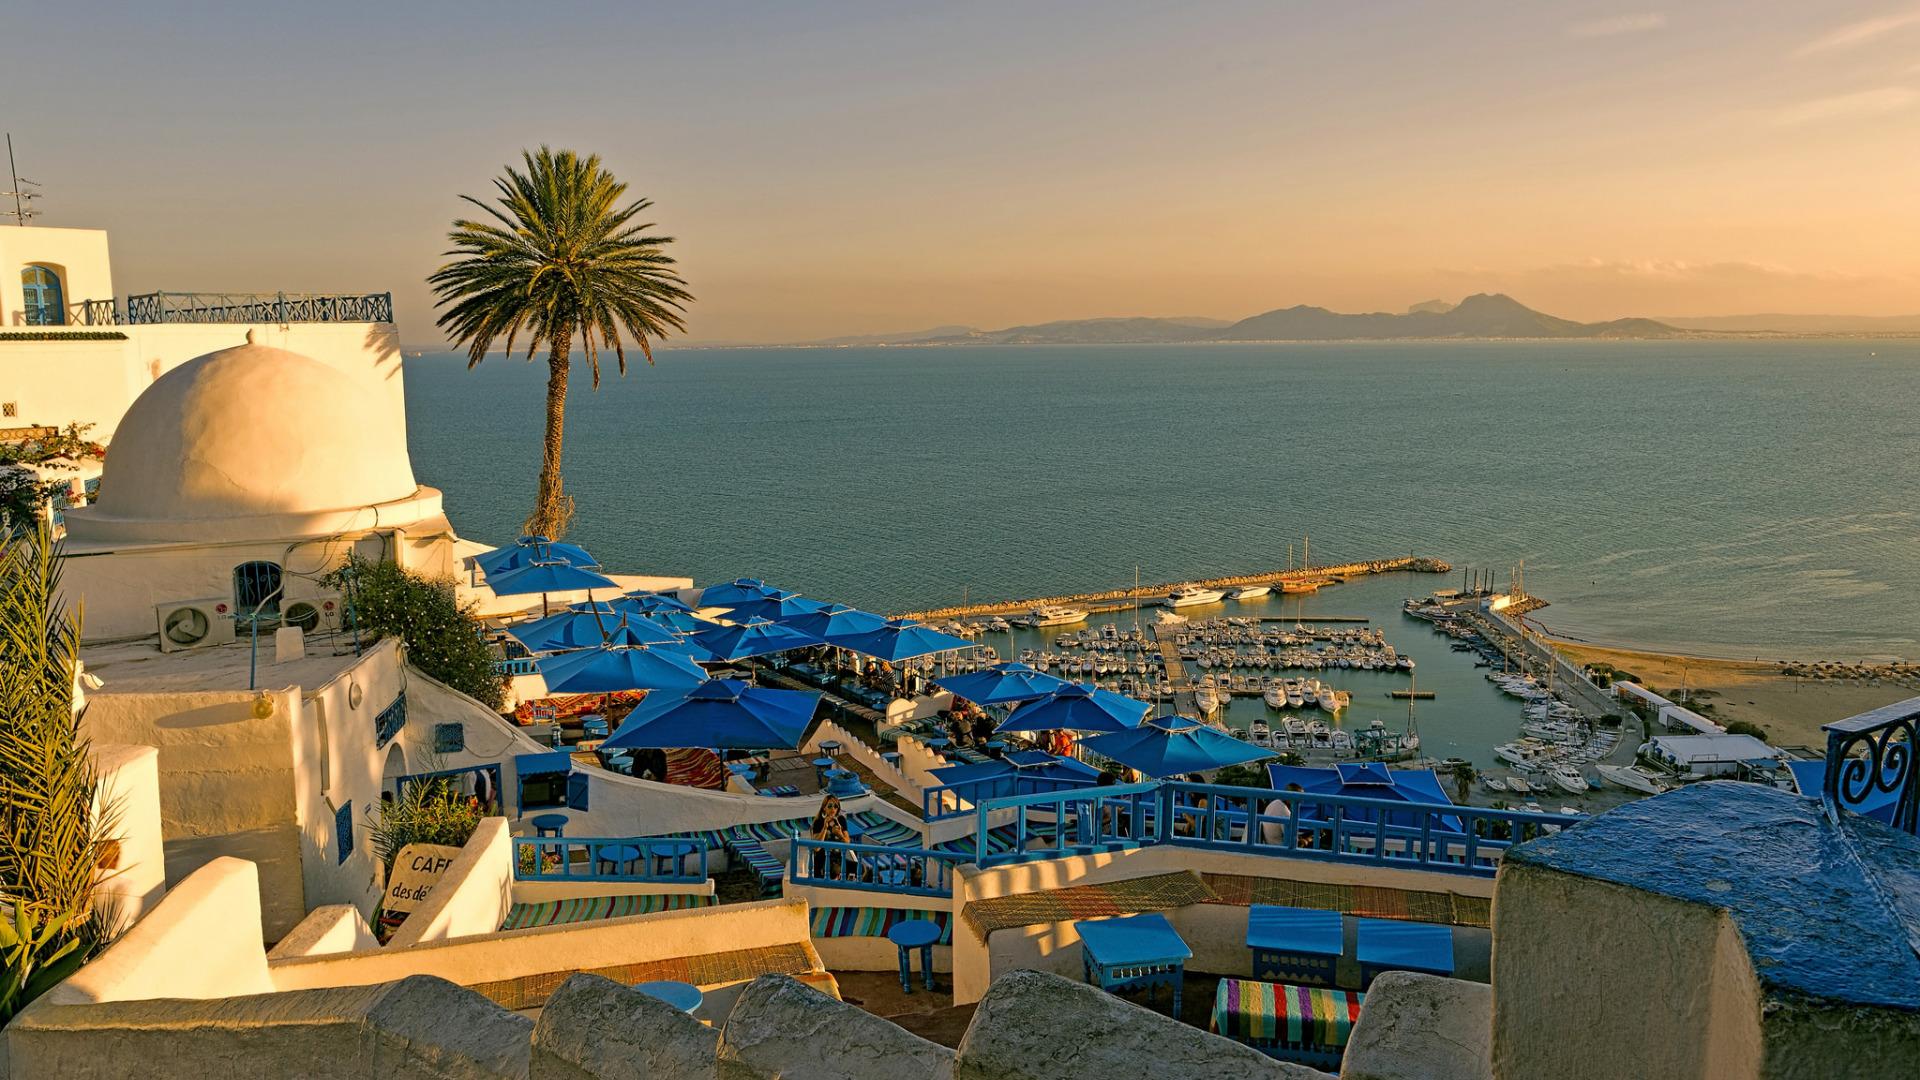 Что обязательно нужно увидеть во время отдыха в Тунисе